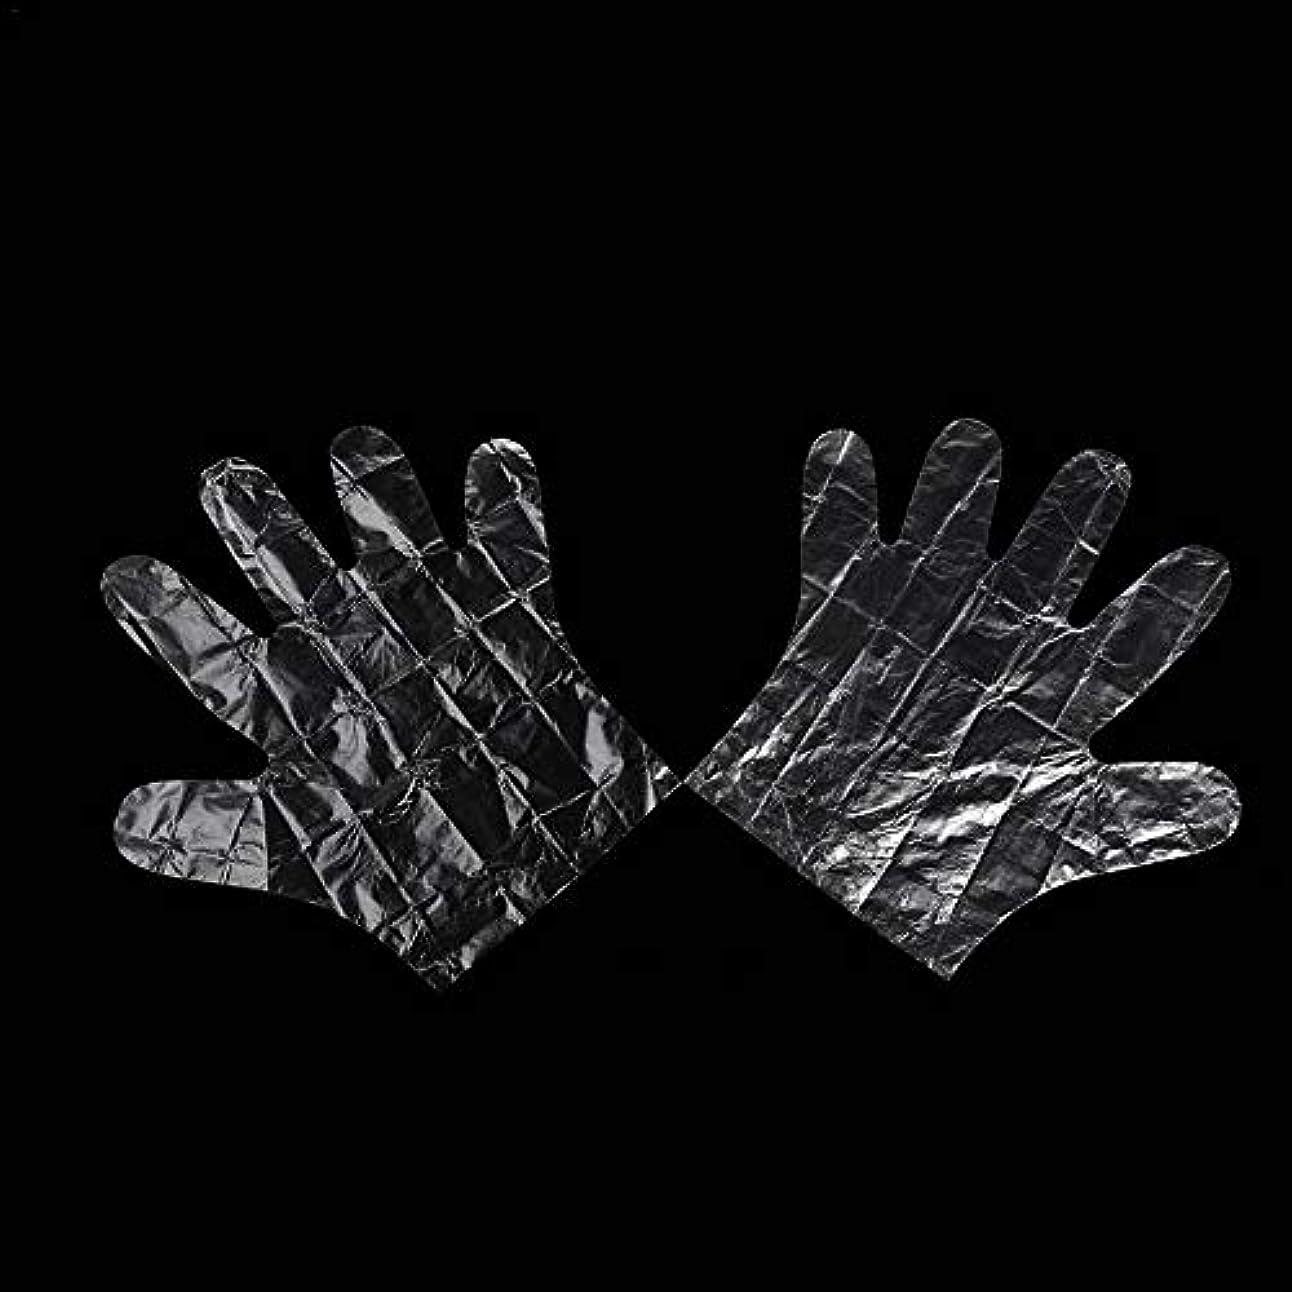 蛇行カーペット火山学者colmall 使い捨て手袋 子供用 極薄ビニール手袋 ポリエチレン 透明 実用 衛生 100枚/200m枚セット 左右兼用 on